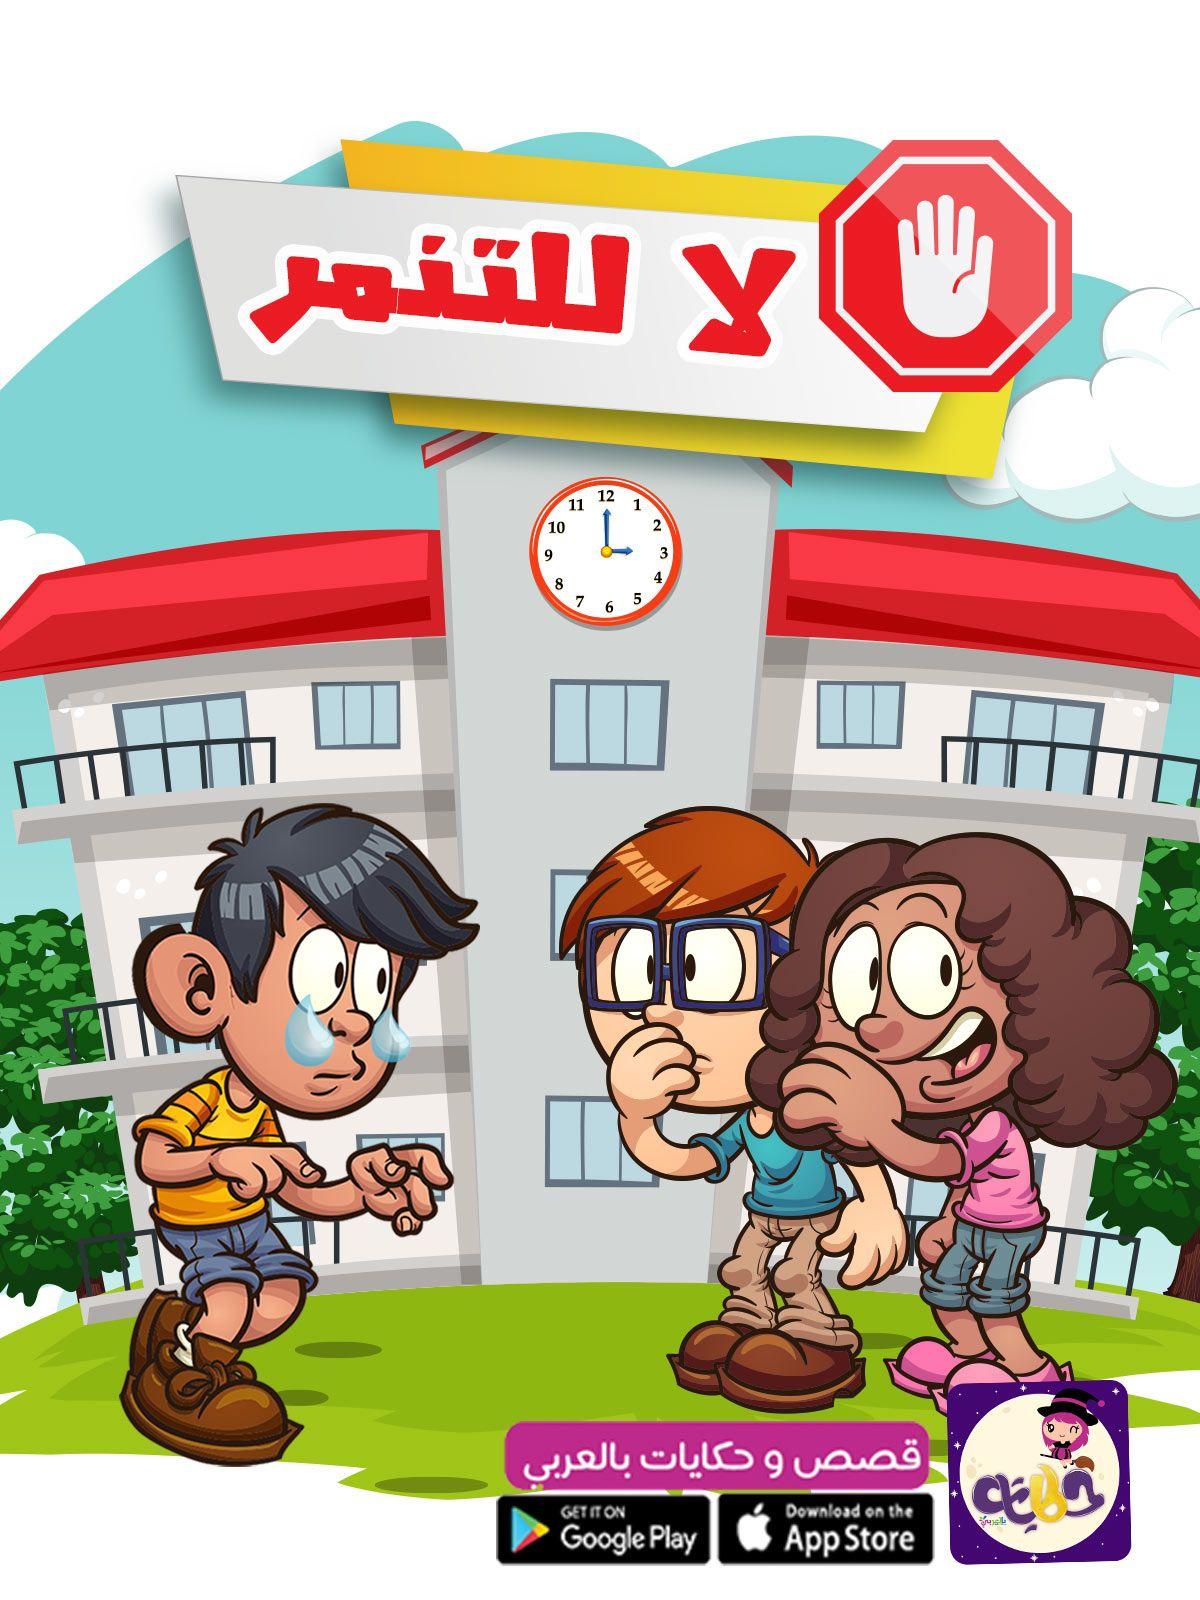 قصة لا للتنمر قصة عن التنمر للاطفال قصص مصورة للاطفال بتطبيق حكايات بالعربي Character Design Animation Arabic Kids Happy Students